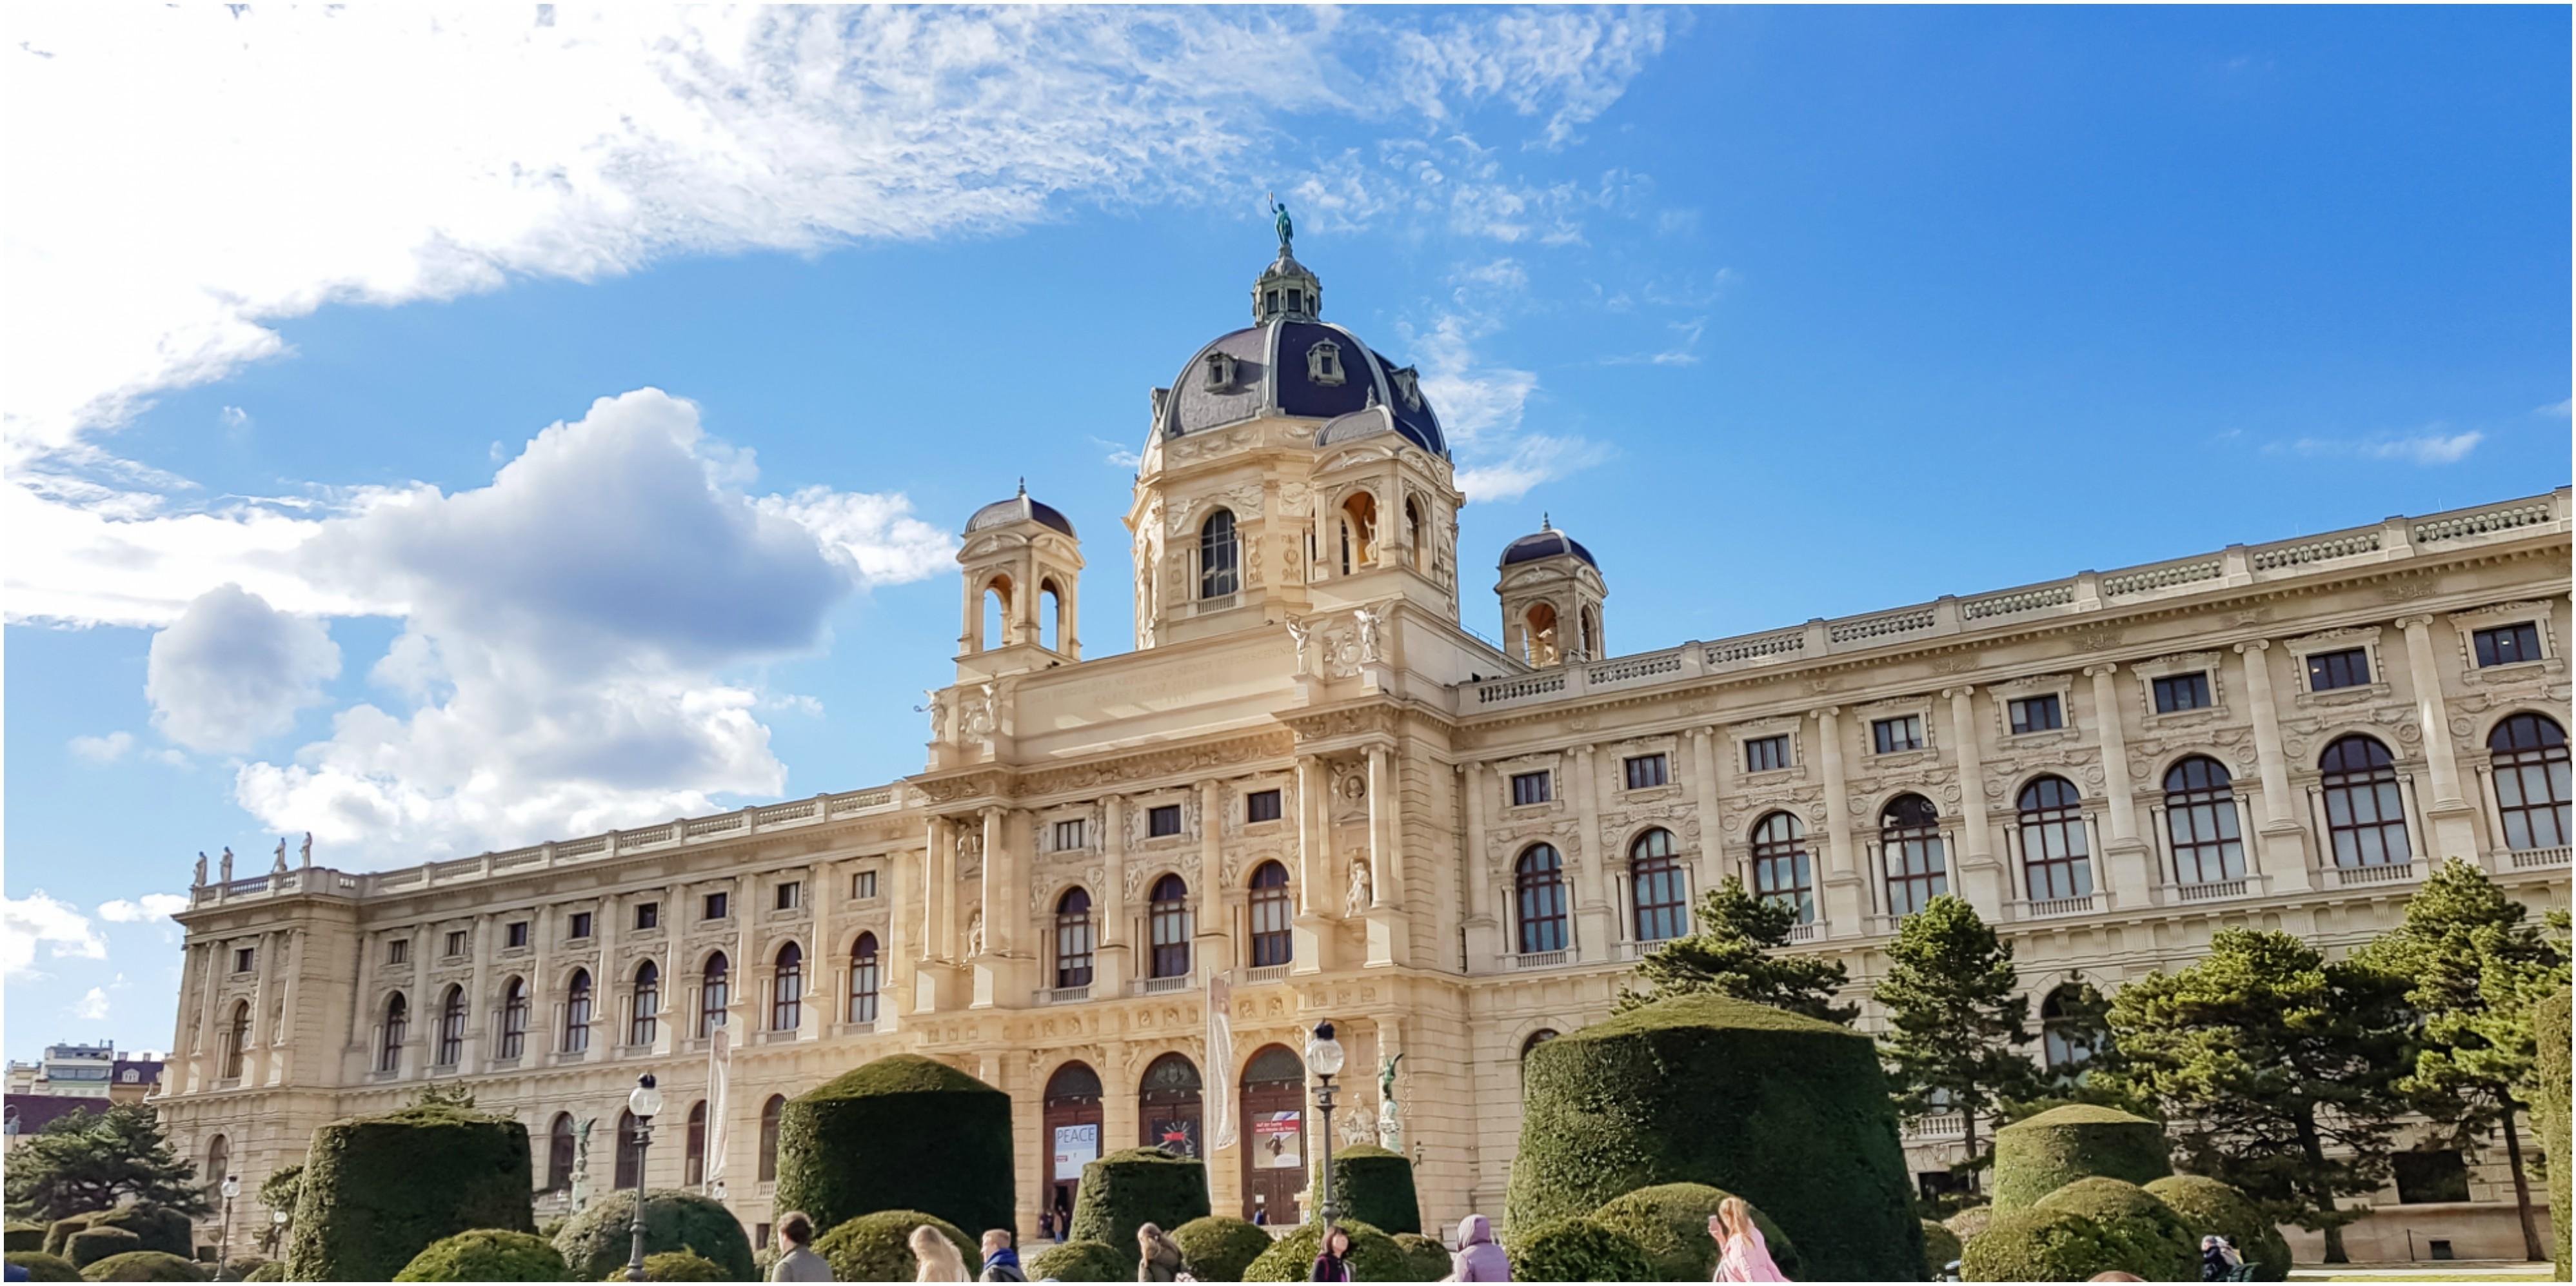 Kunsthistorisches-Museum-Wien-Blog-Trip